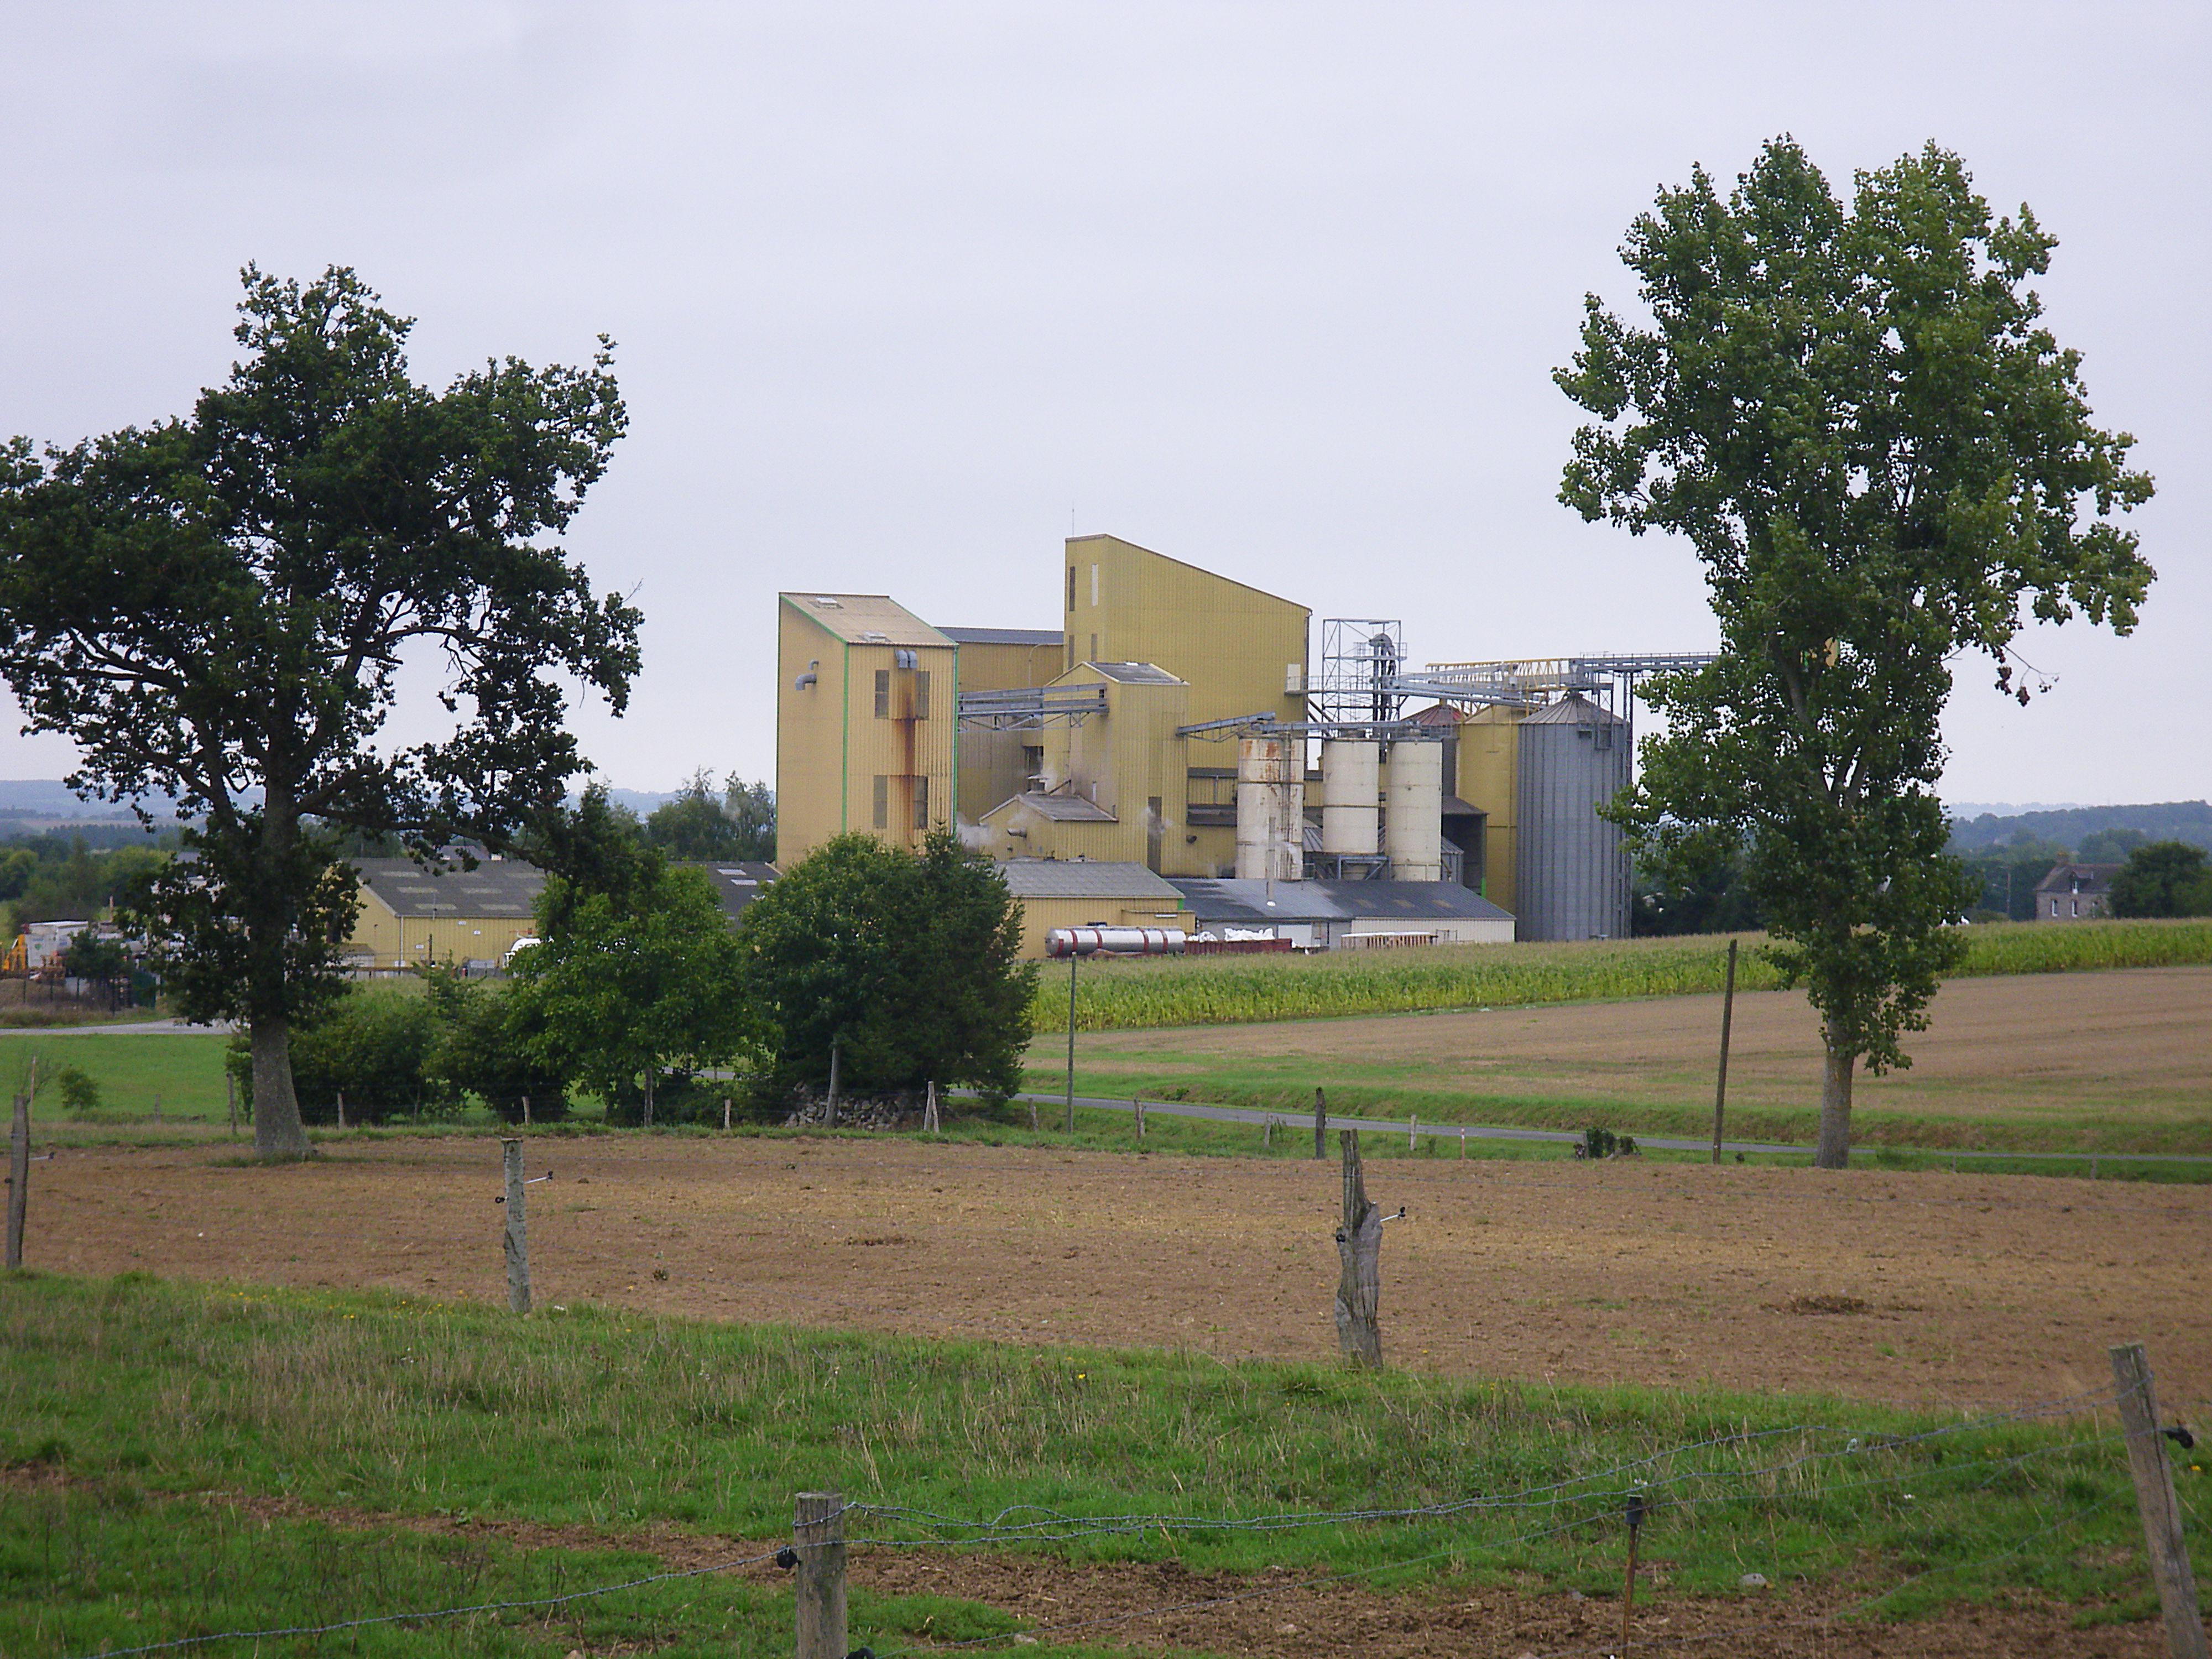 L'usine à la campagne, symbole d'une union équilibrée entre primaire et secondaire, au bénéfice des territoires.